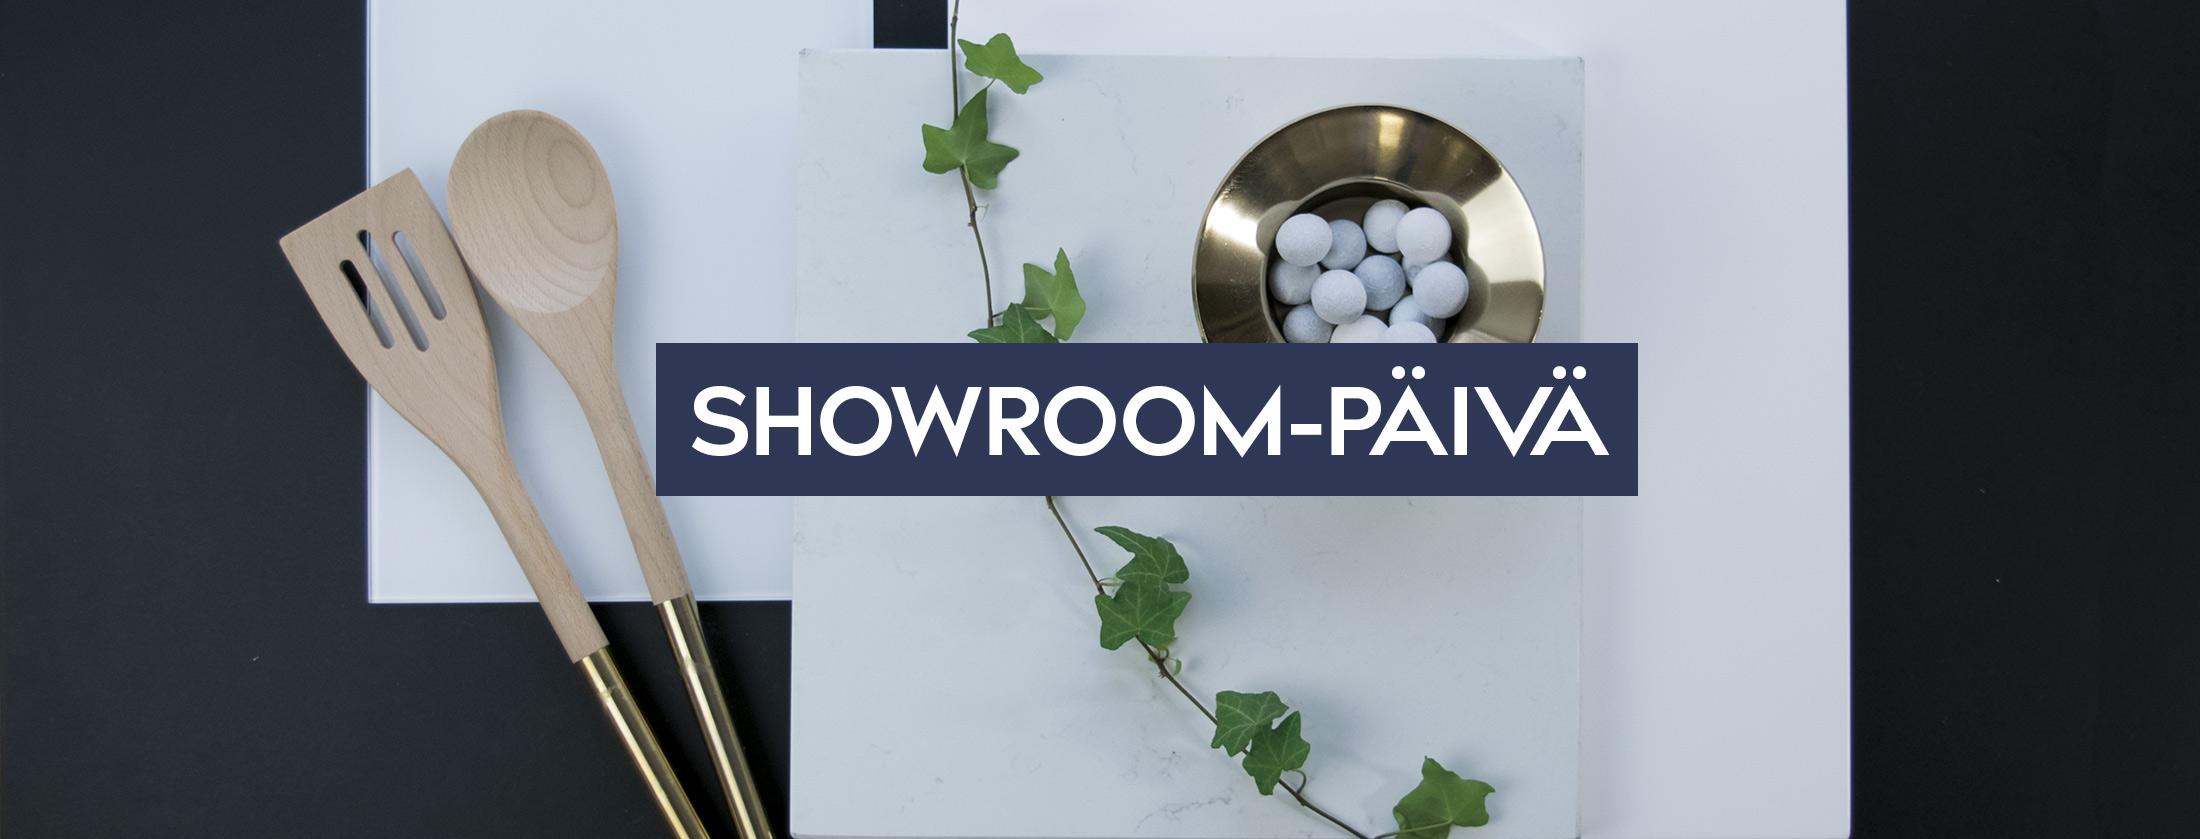 Showroom-avoinna